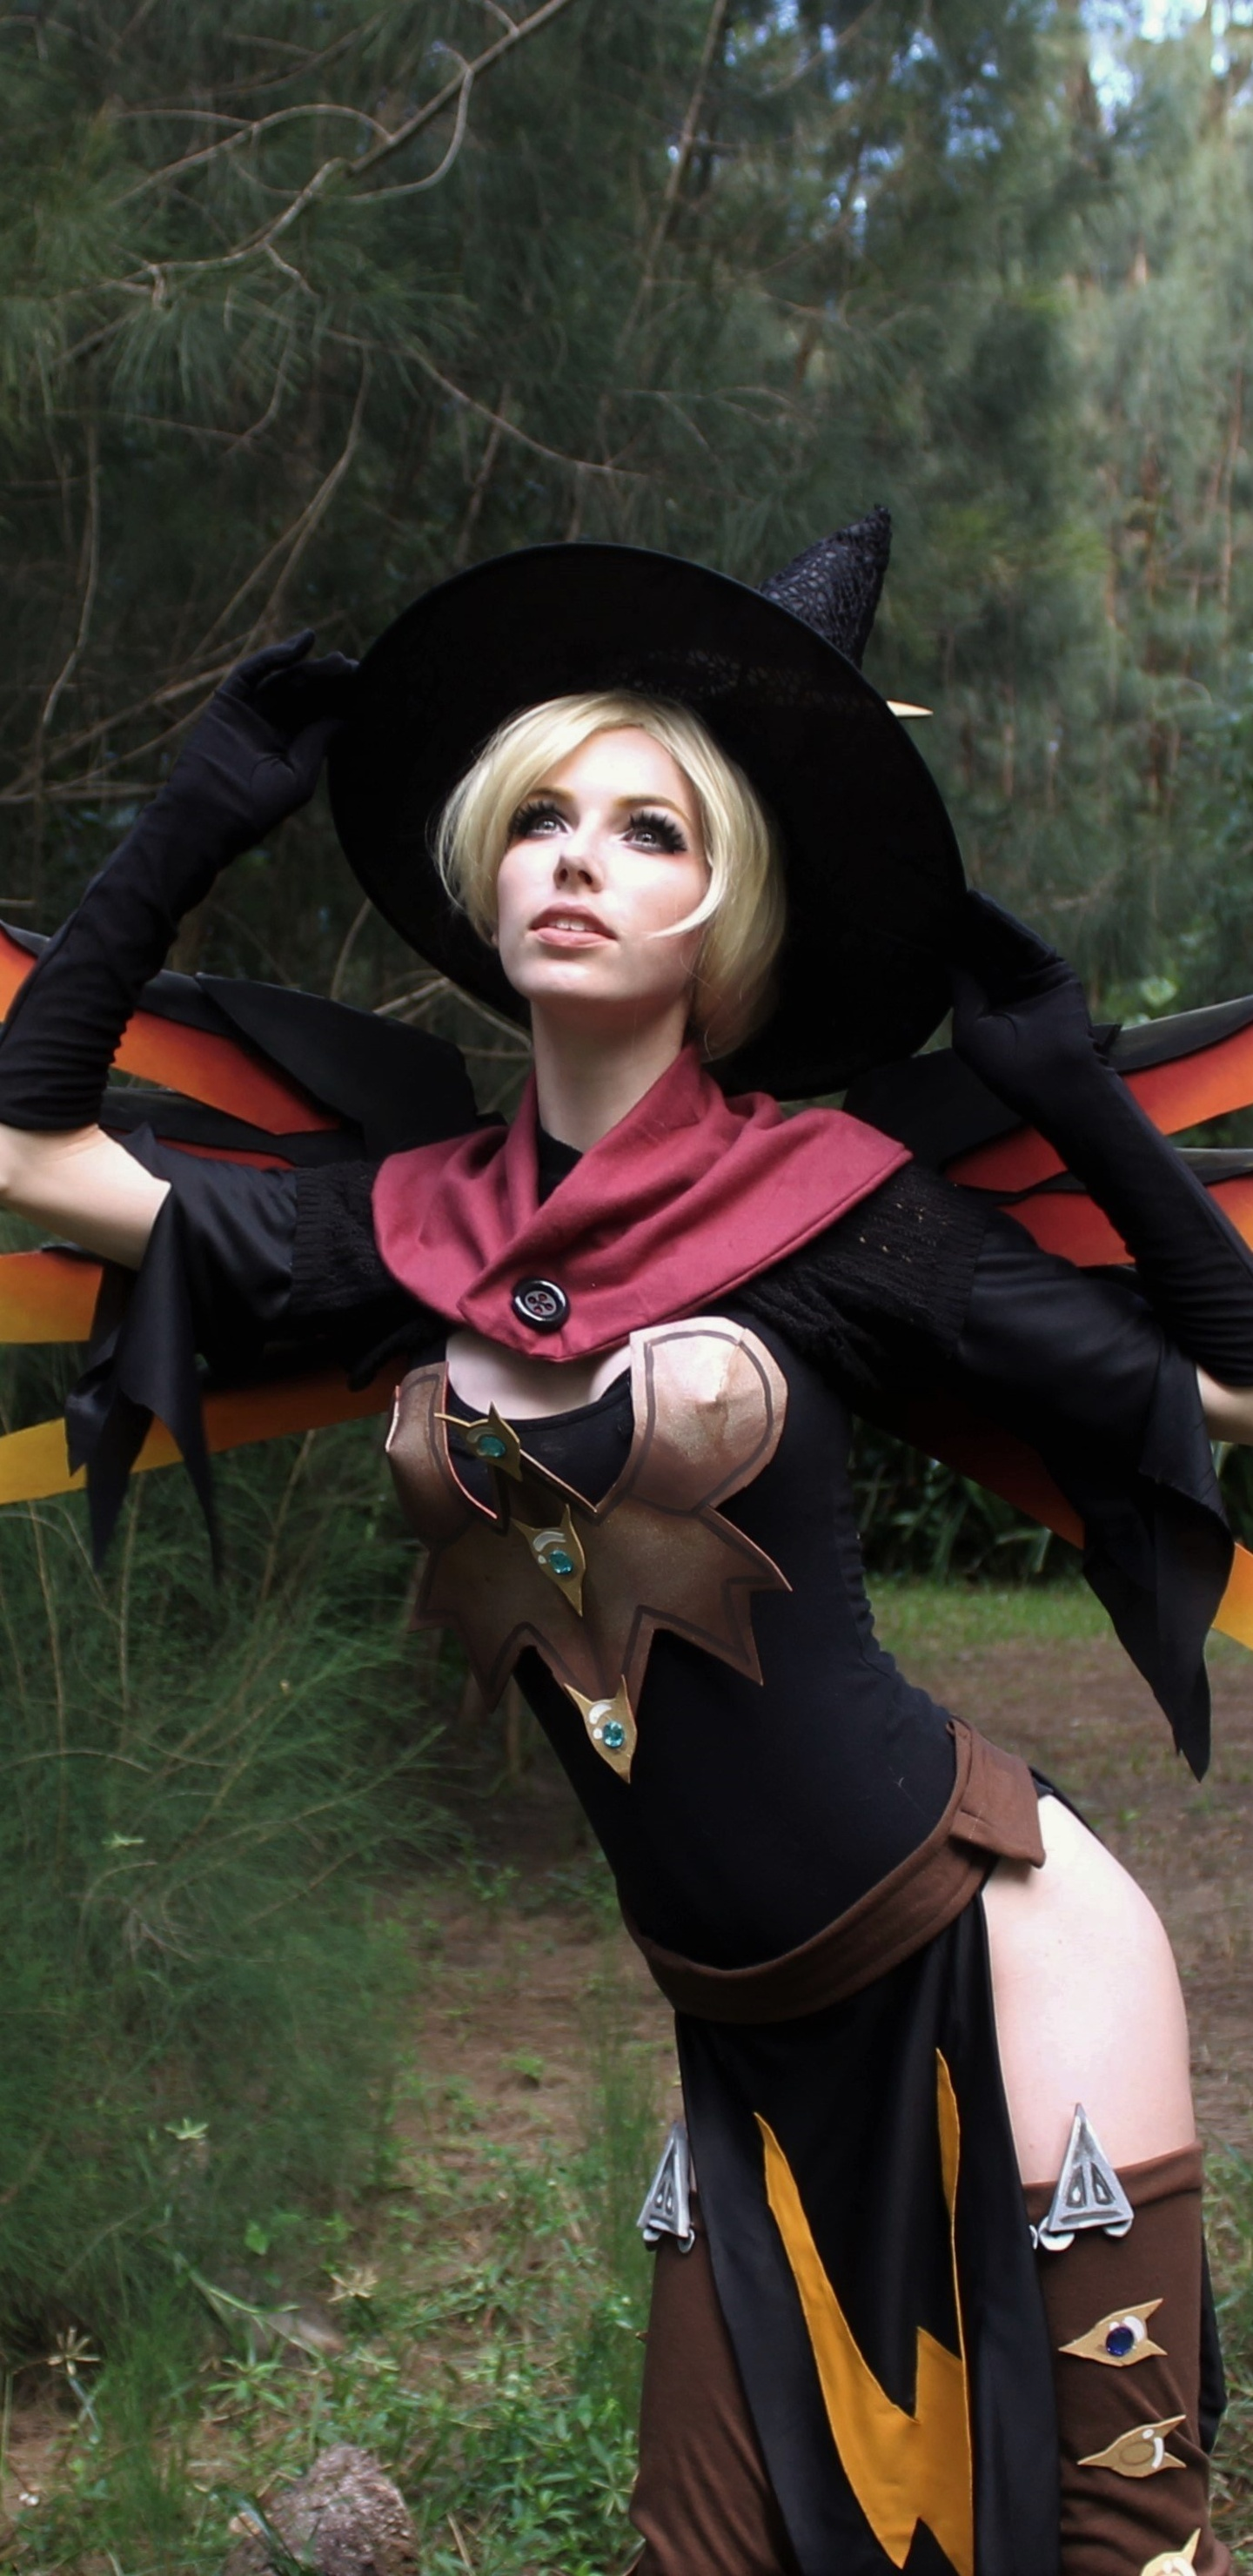 mercy-overwatch-cosplay-4k-ig.jpg